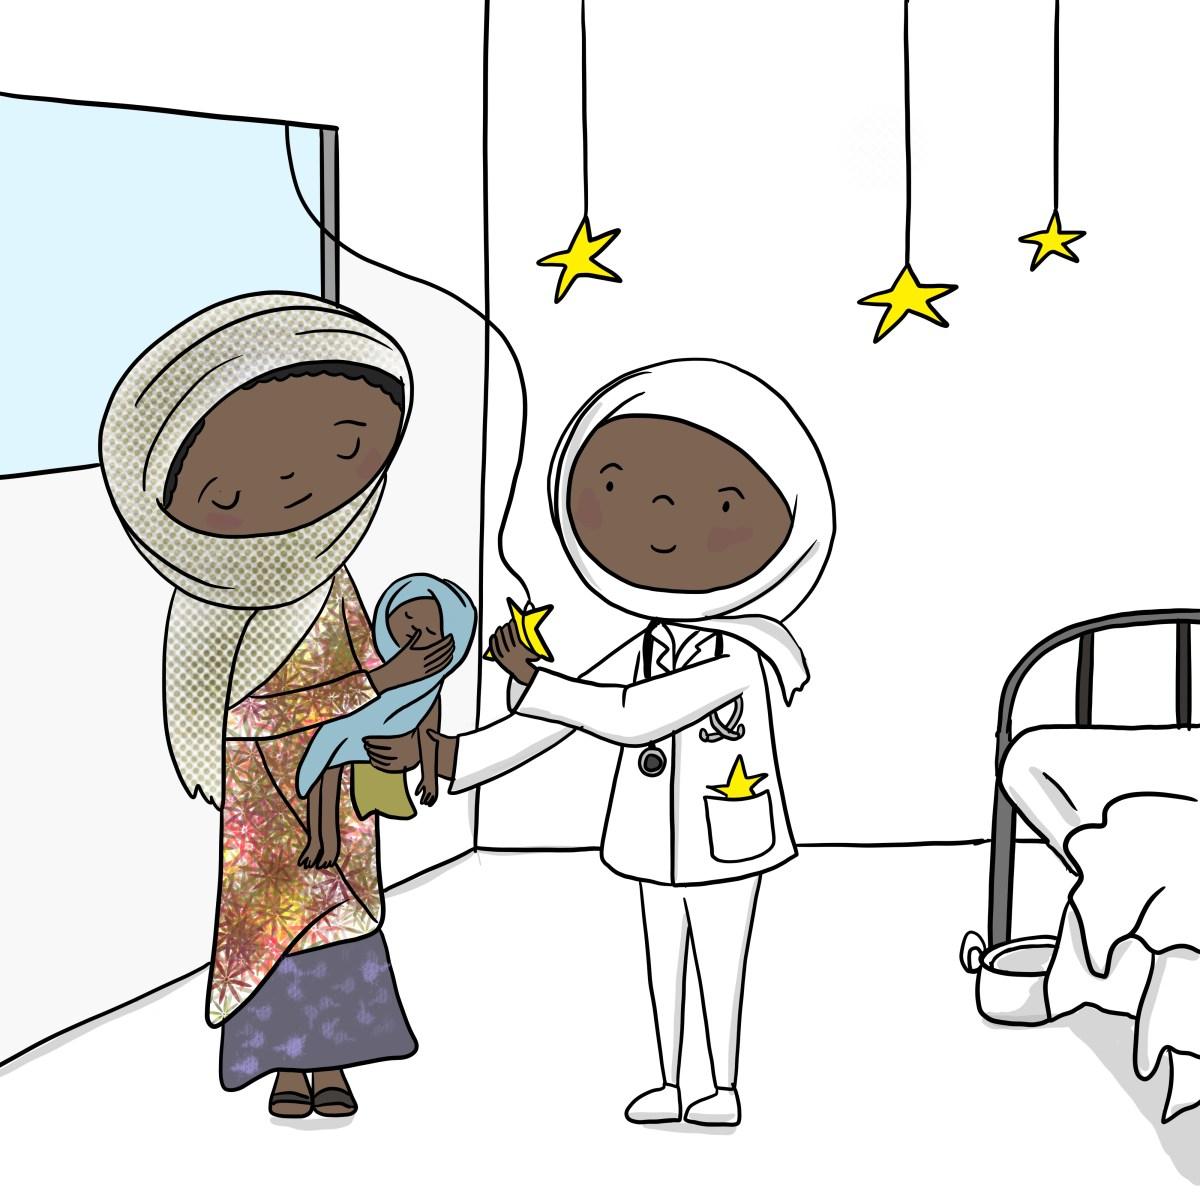 El verdadero motivo para vacunar a África actualidad africa alegria gambo coronavirus emergencias etiopia gambo Vacuna Covid19